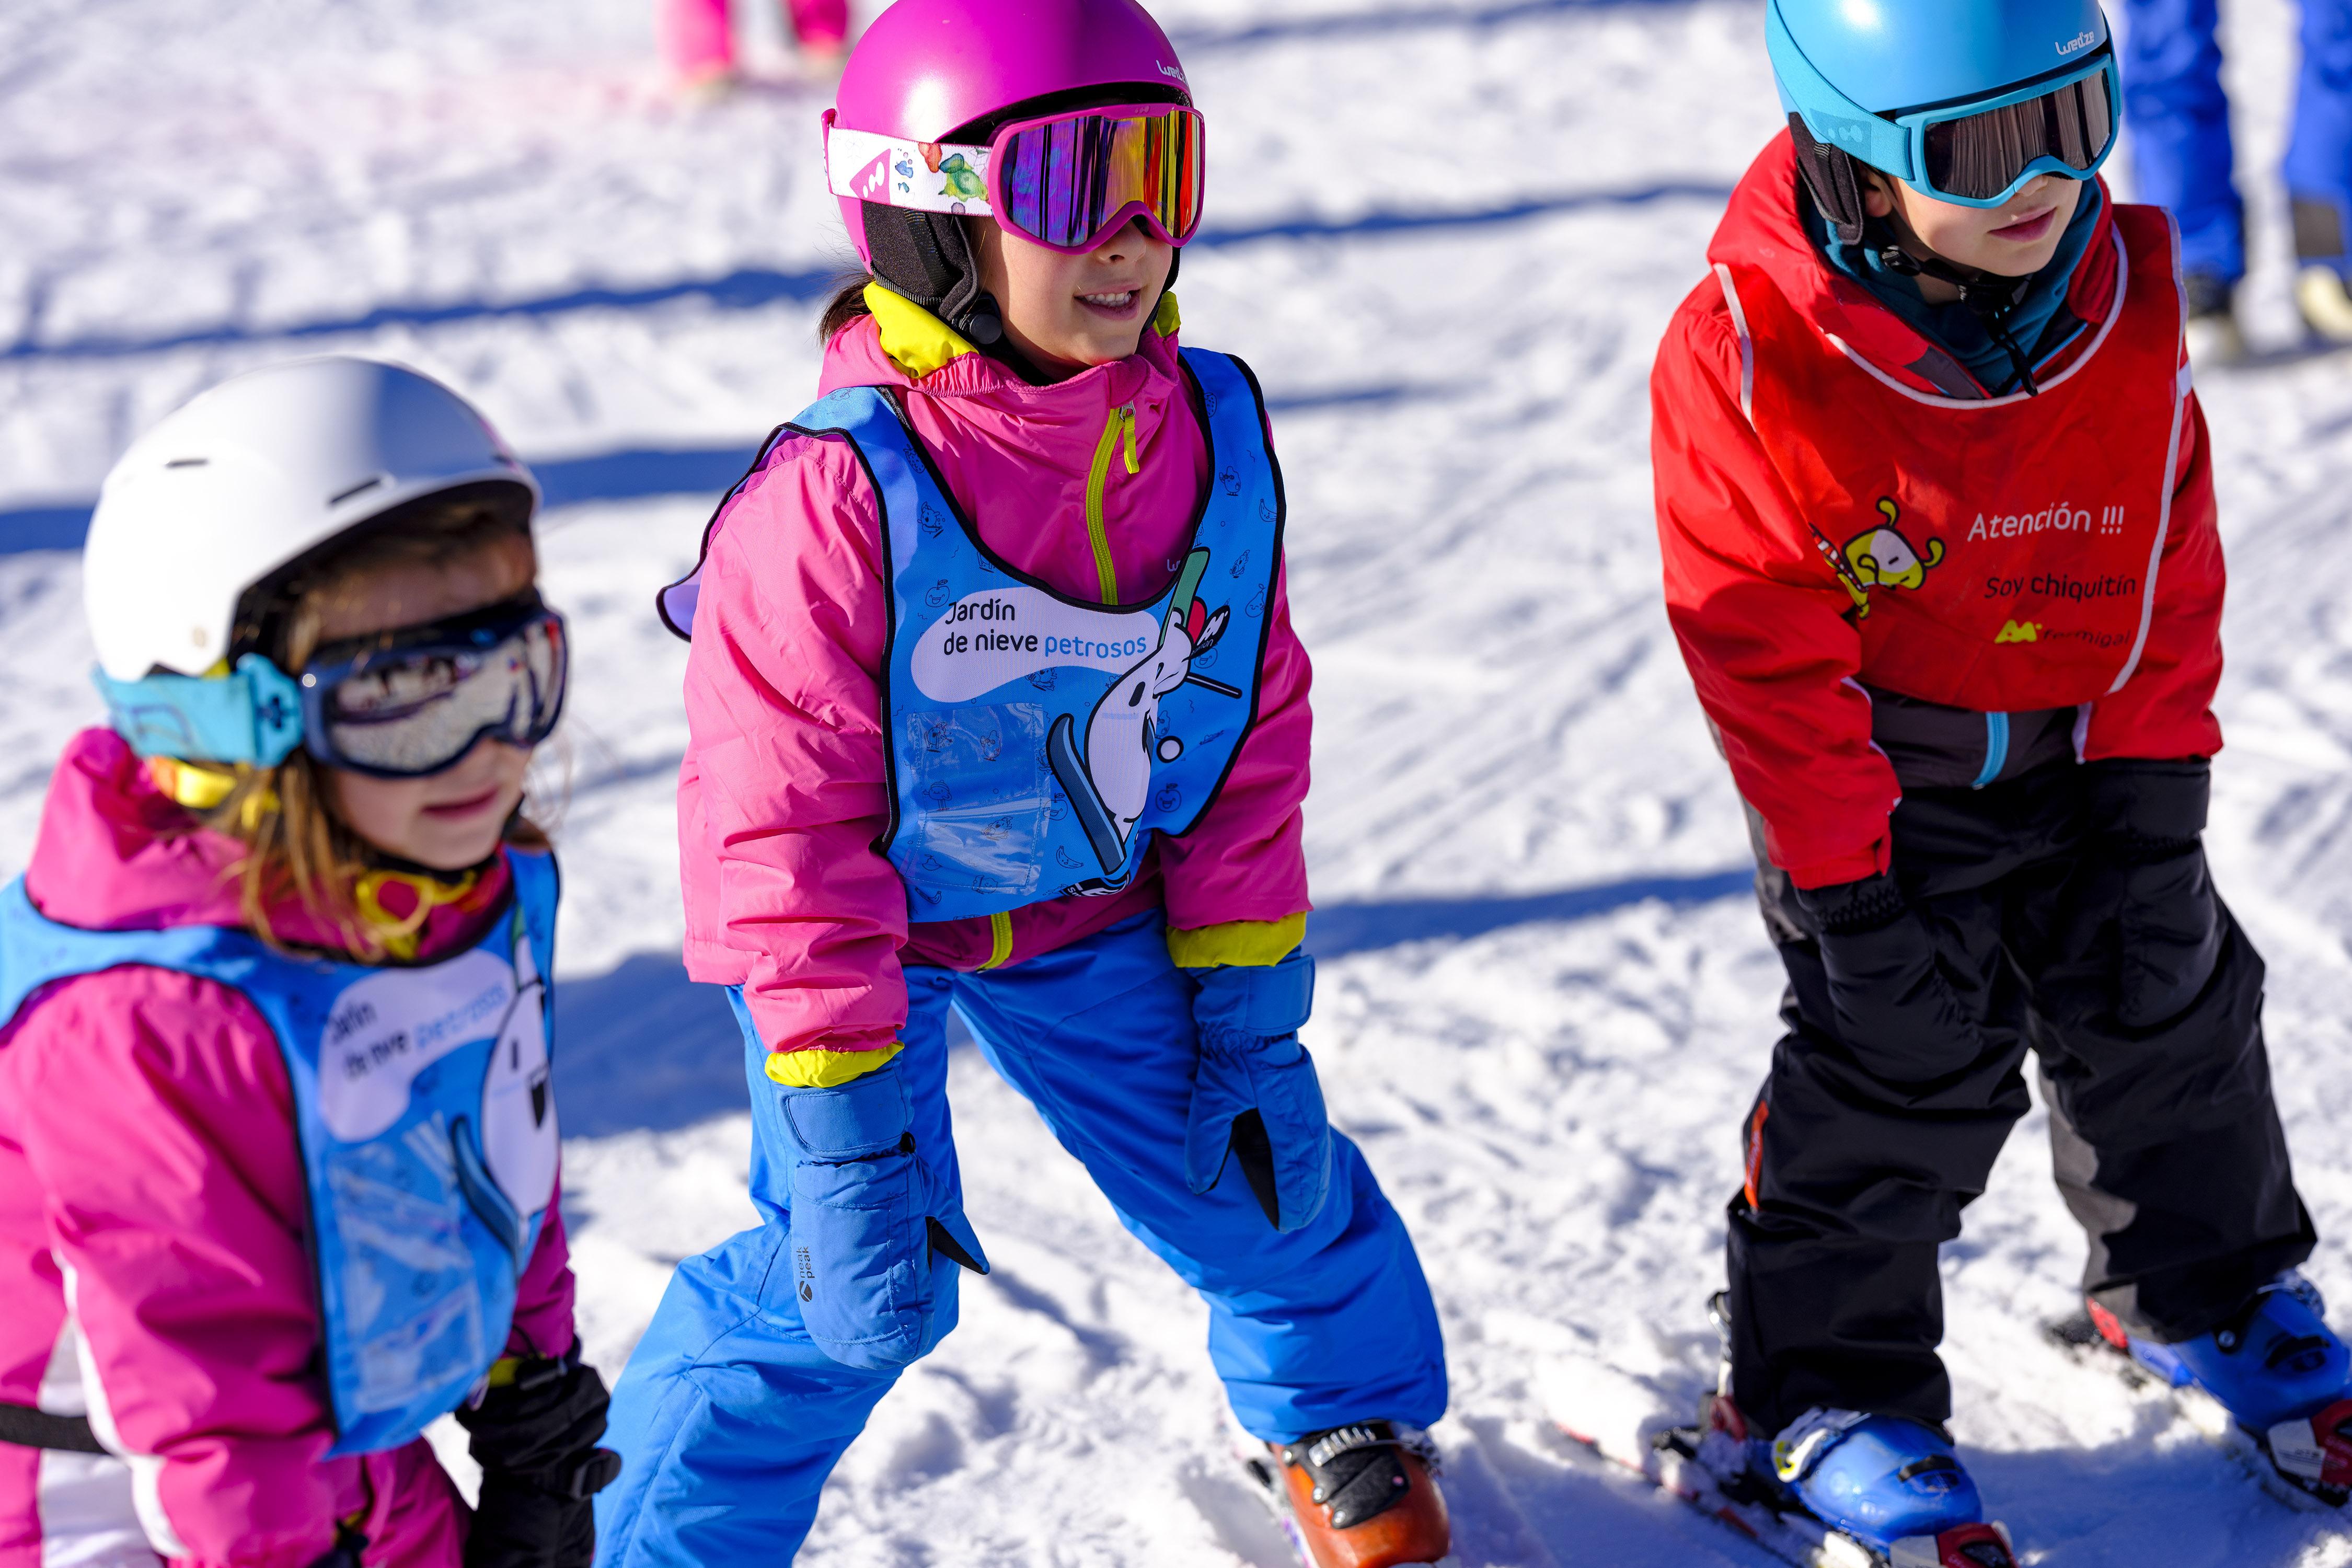 ¿Semana santa con niños? Organiza tu plan de última hora y ven a esquiar